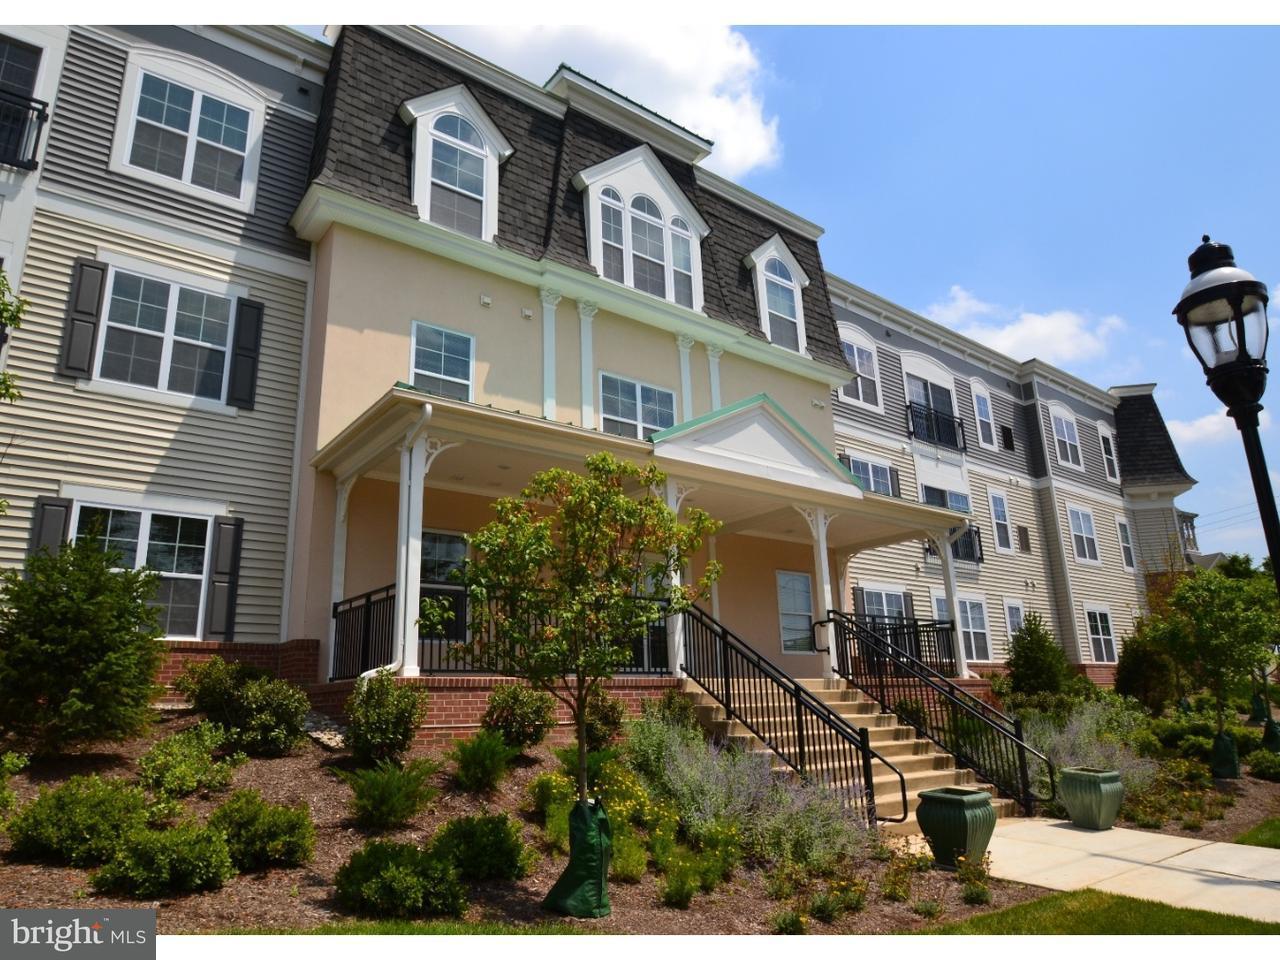 Maison unifamiliale pour l à louer à 131 N MAIN ST #9 Chalfont, Pennsylvanie 18914 États-Unis